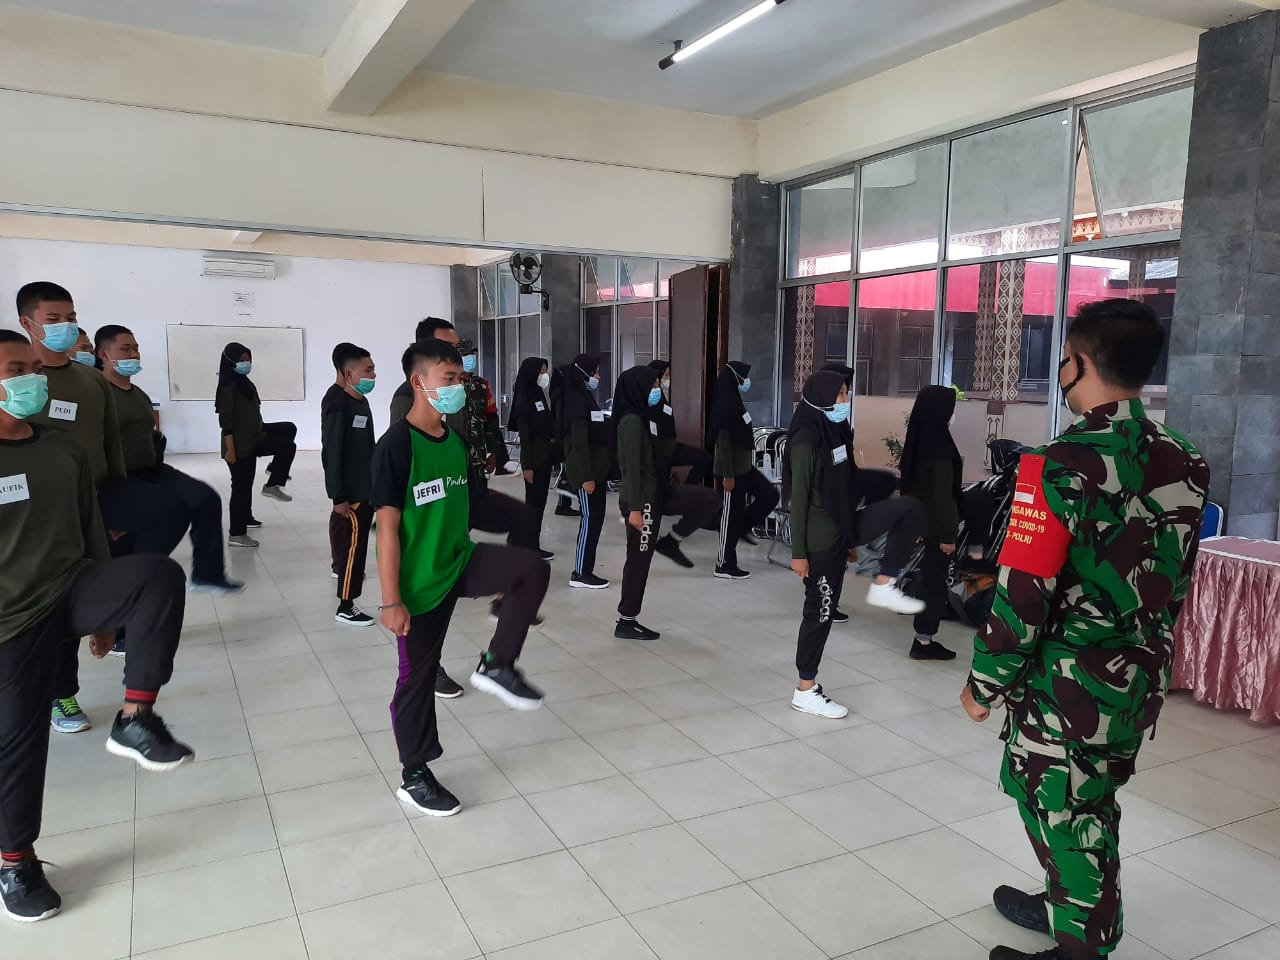 Babinsa Koramil 410-04/TKT Kodim 0410/KBL Serka Selamet, memberikan pelatihan dasar PBB dalam rangka pemantapan teori dan praktek anggota Resimen Mahasiswa Batalyon 206/Harimau Putih UTB Lampung